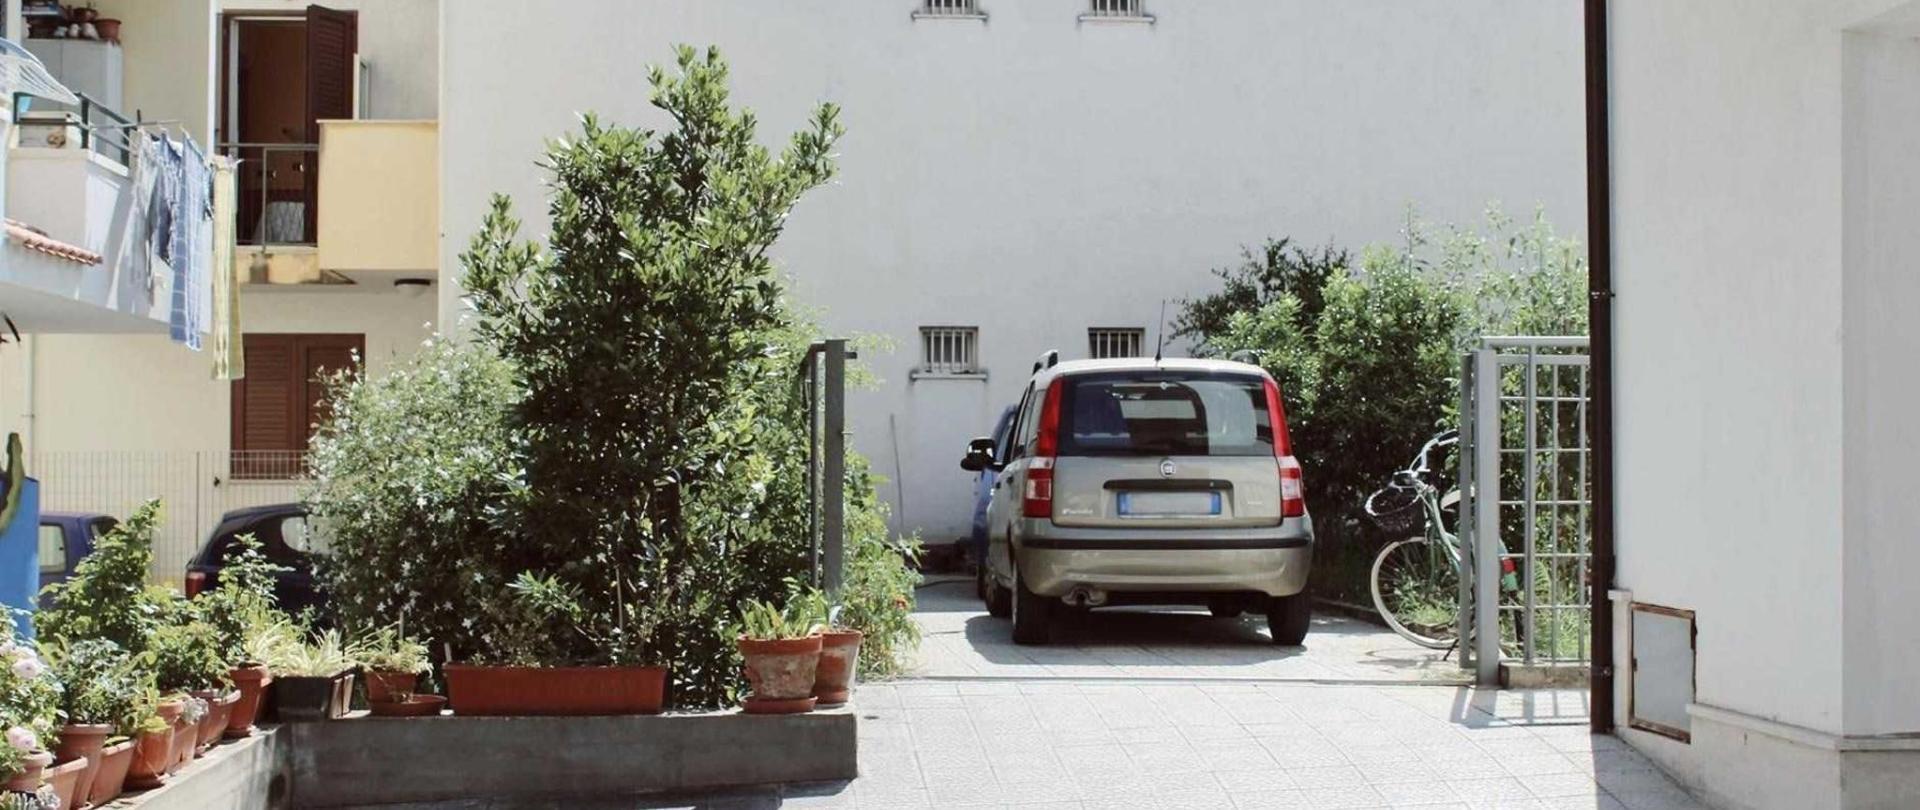 parcheggio-interno-beb-sirio.jpg